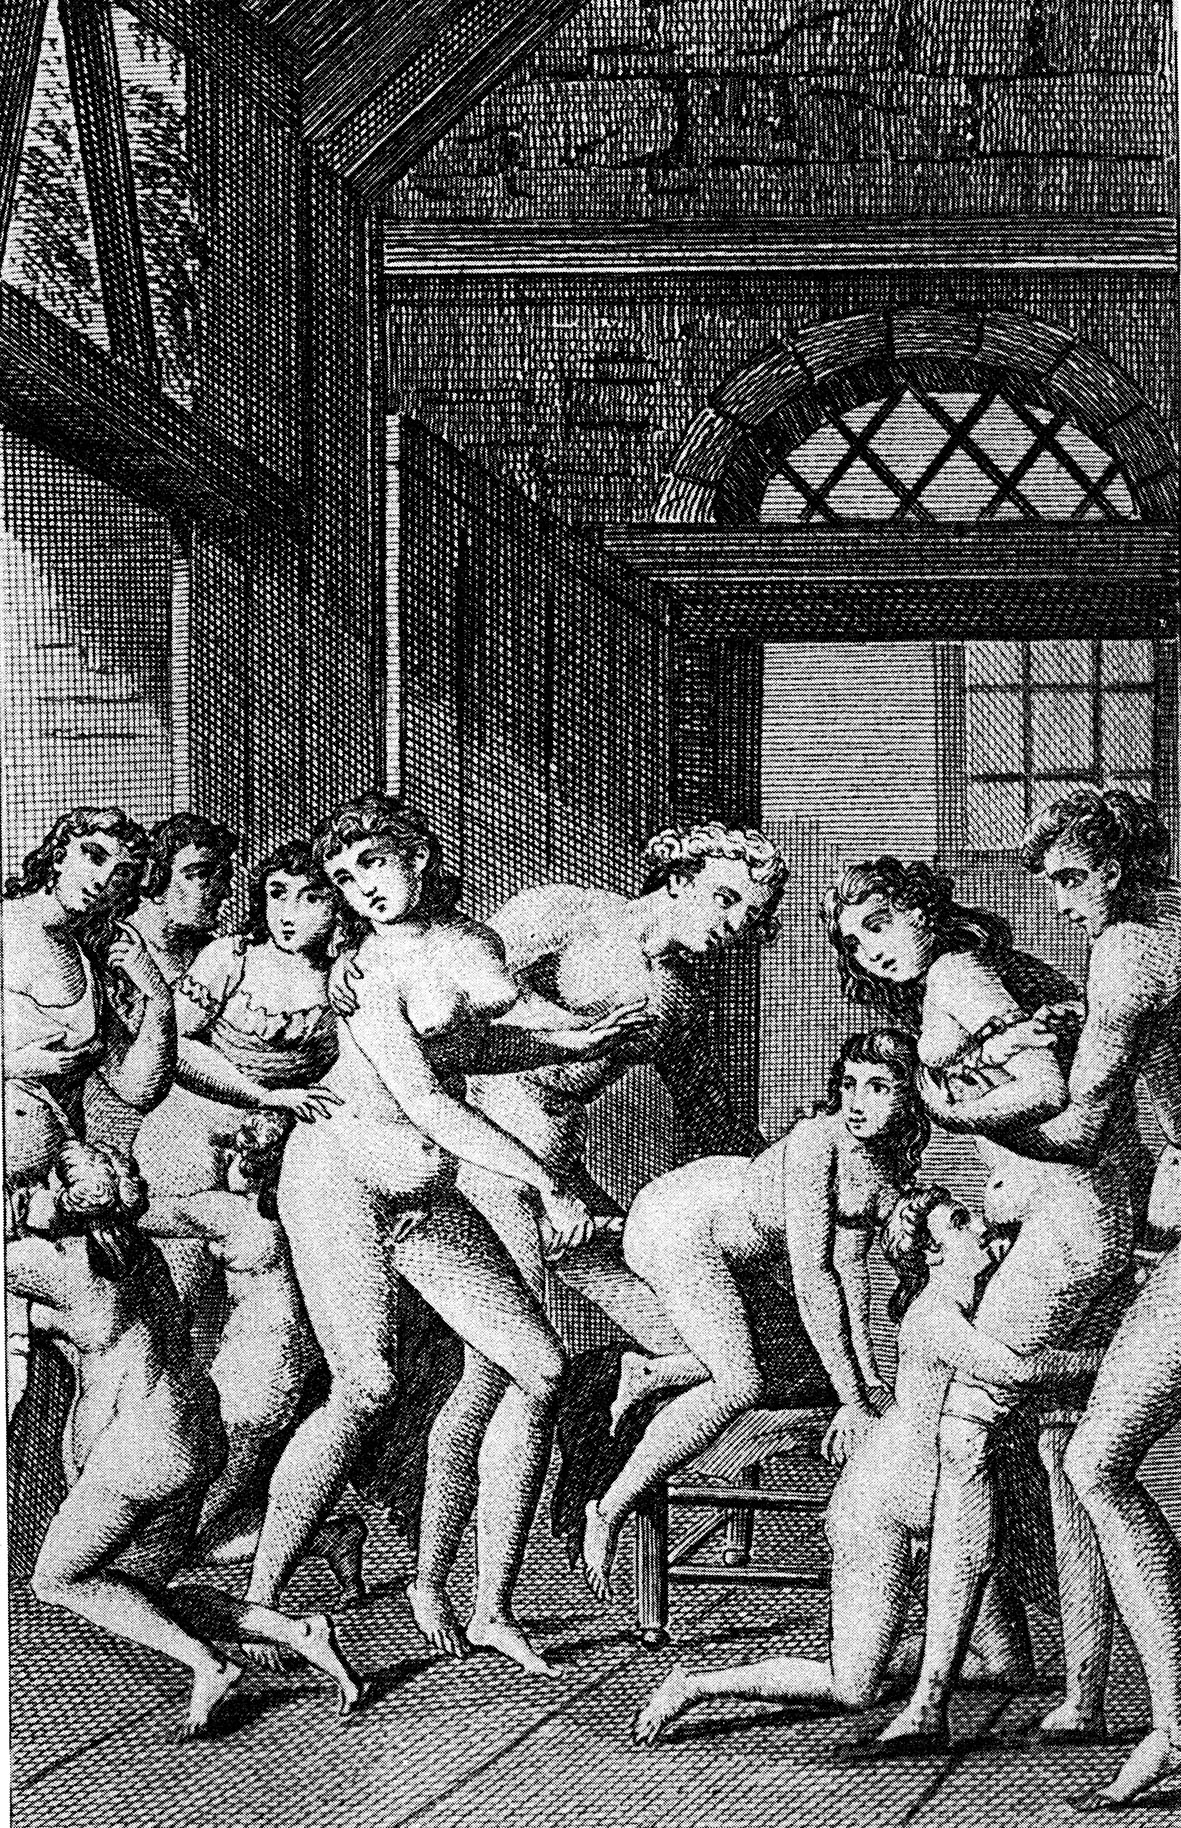 πορνό Σαδισμός καλύτερο πορνό ποτέ λεσβίες